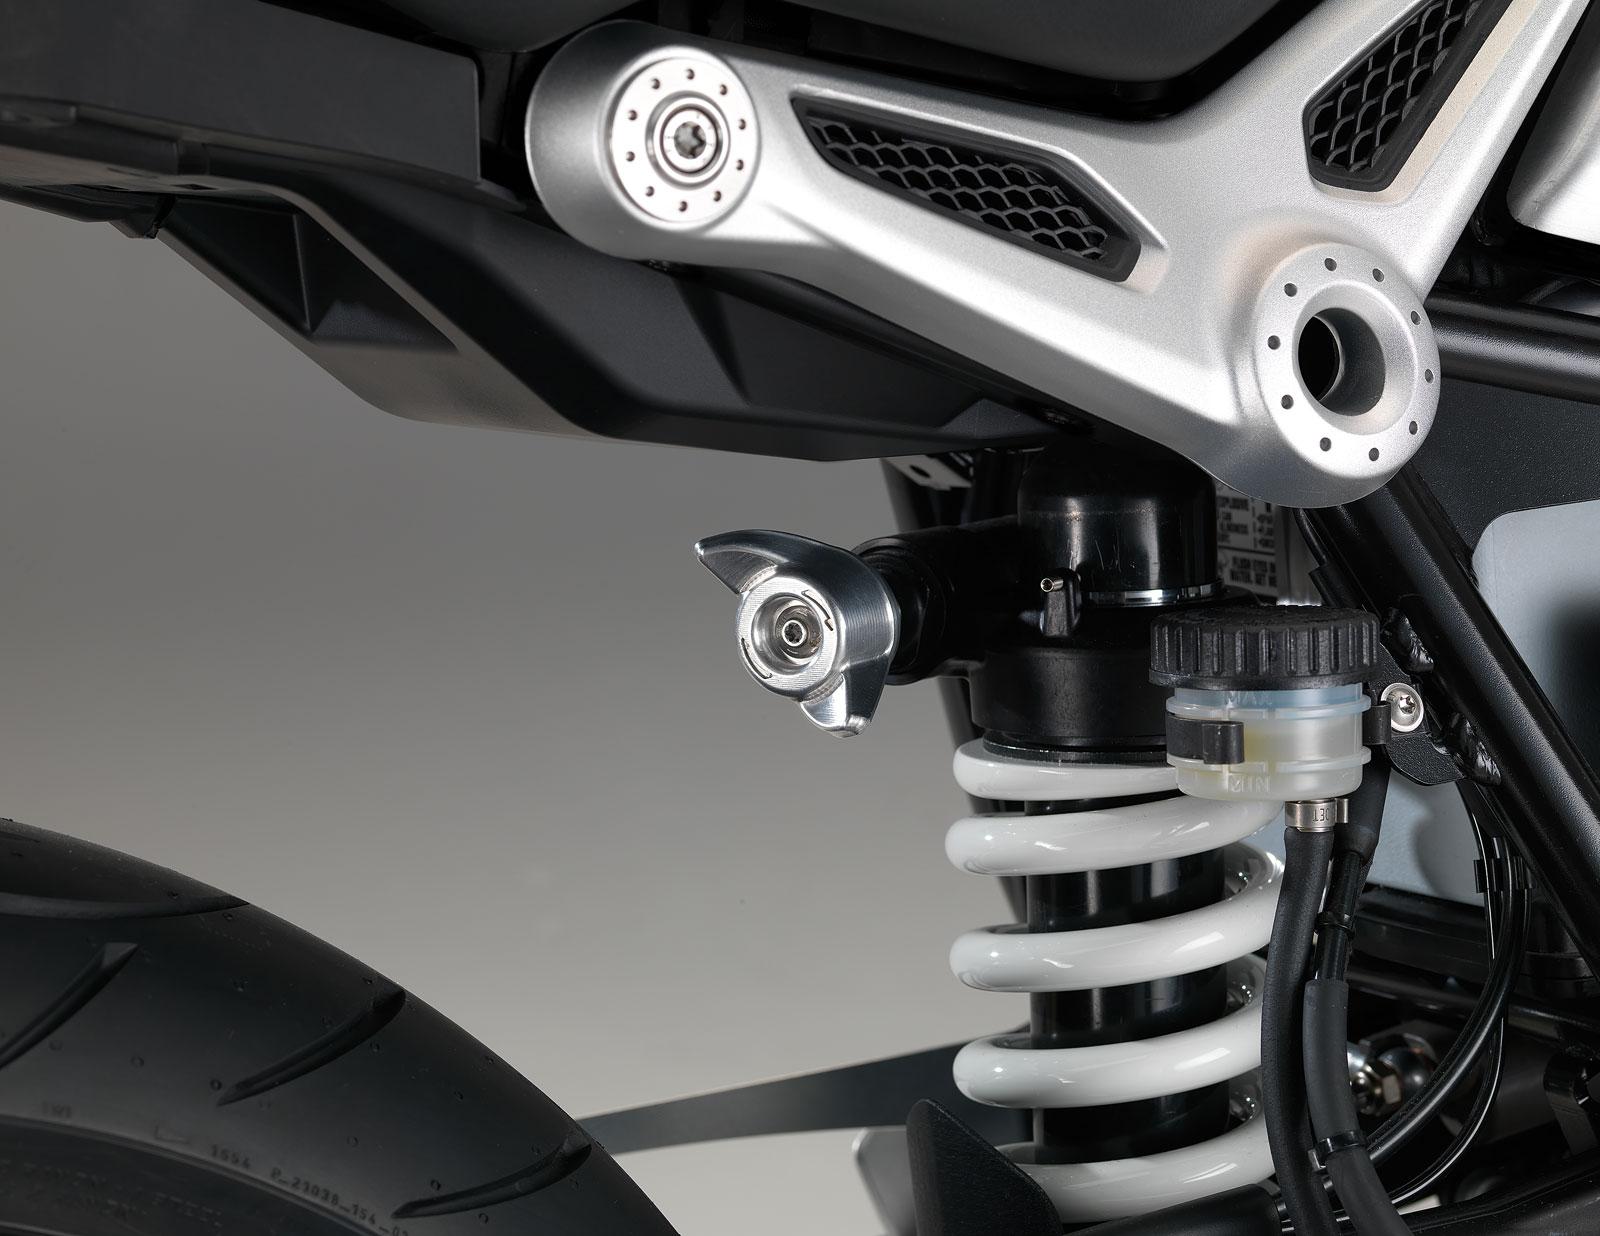 BMW R nineT - Rear suspension - Car Body Design